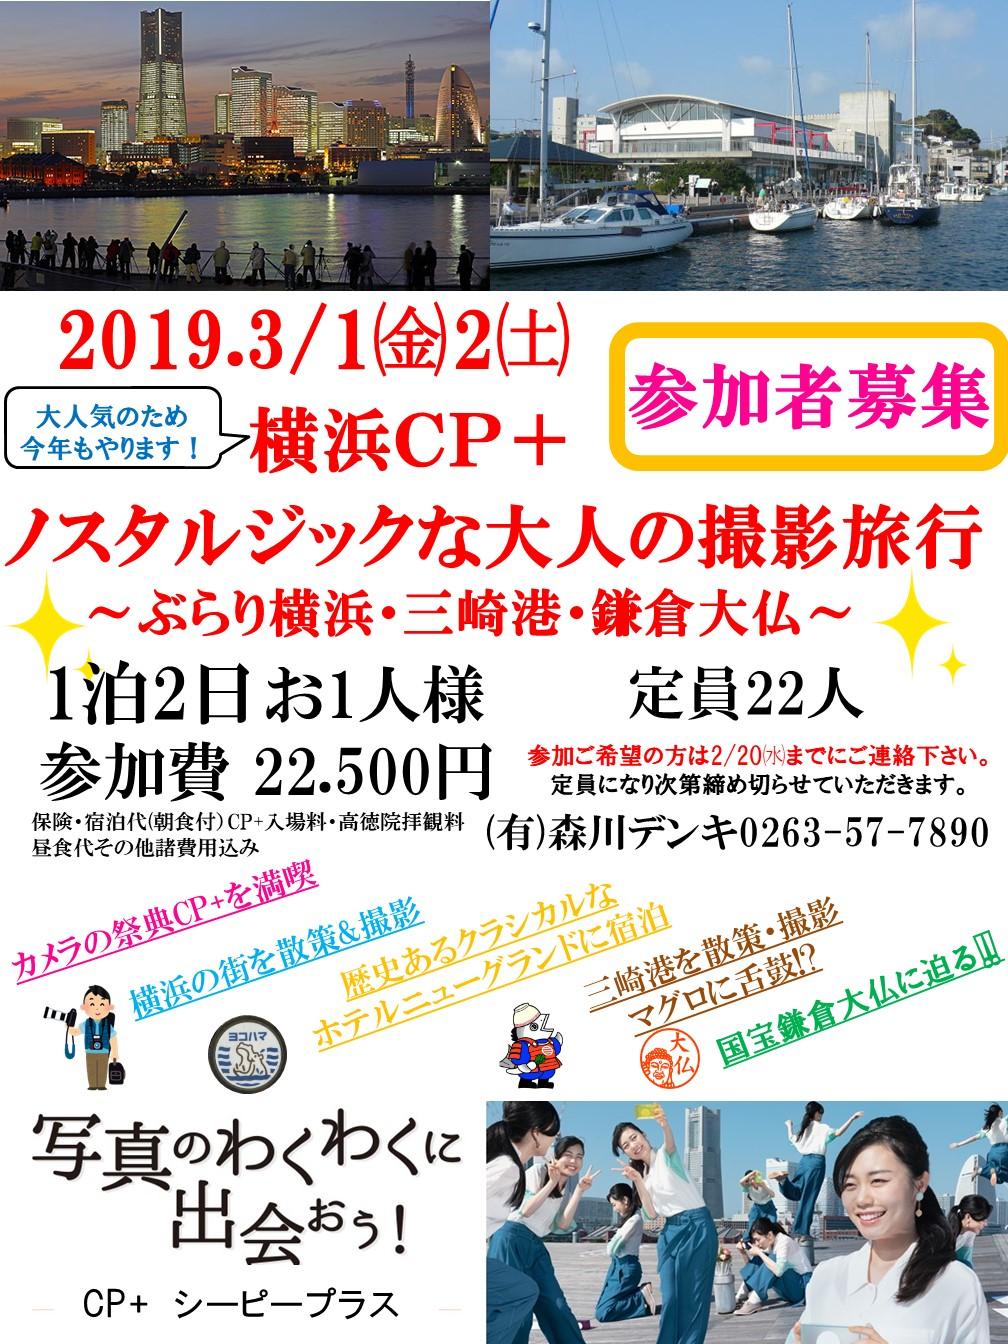 2019横浜参加者募集